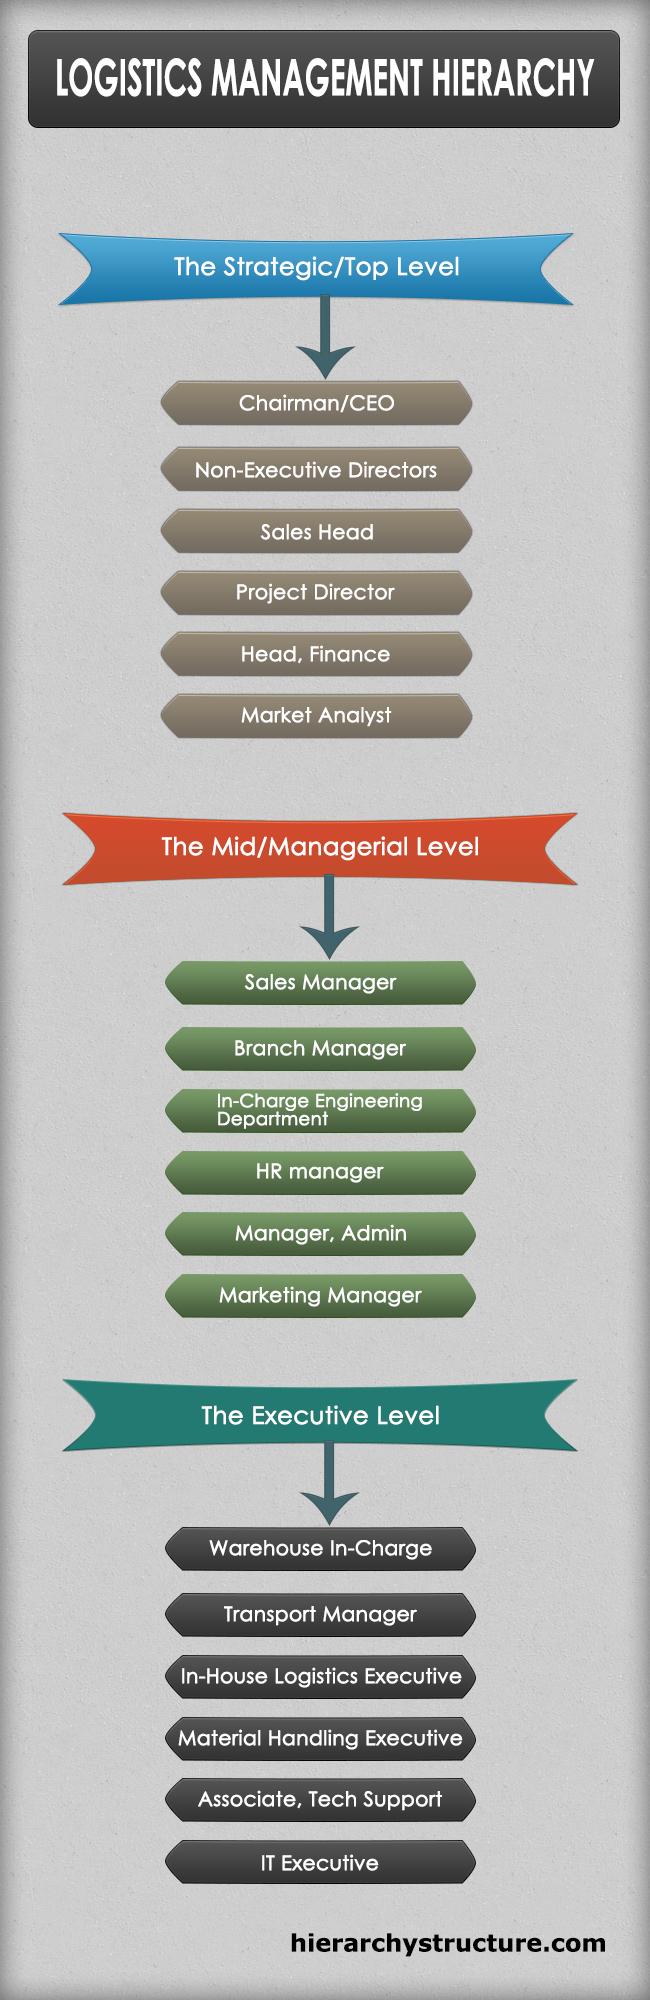 Logistics Management Hierarchy | Management Hierarchy